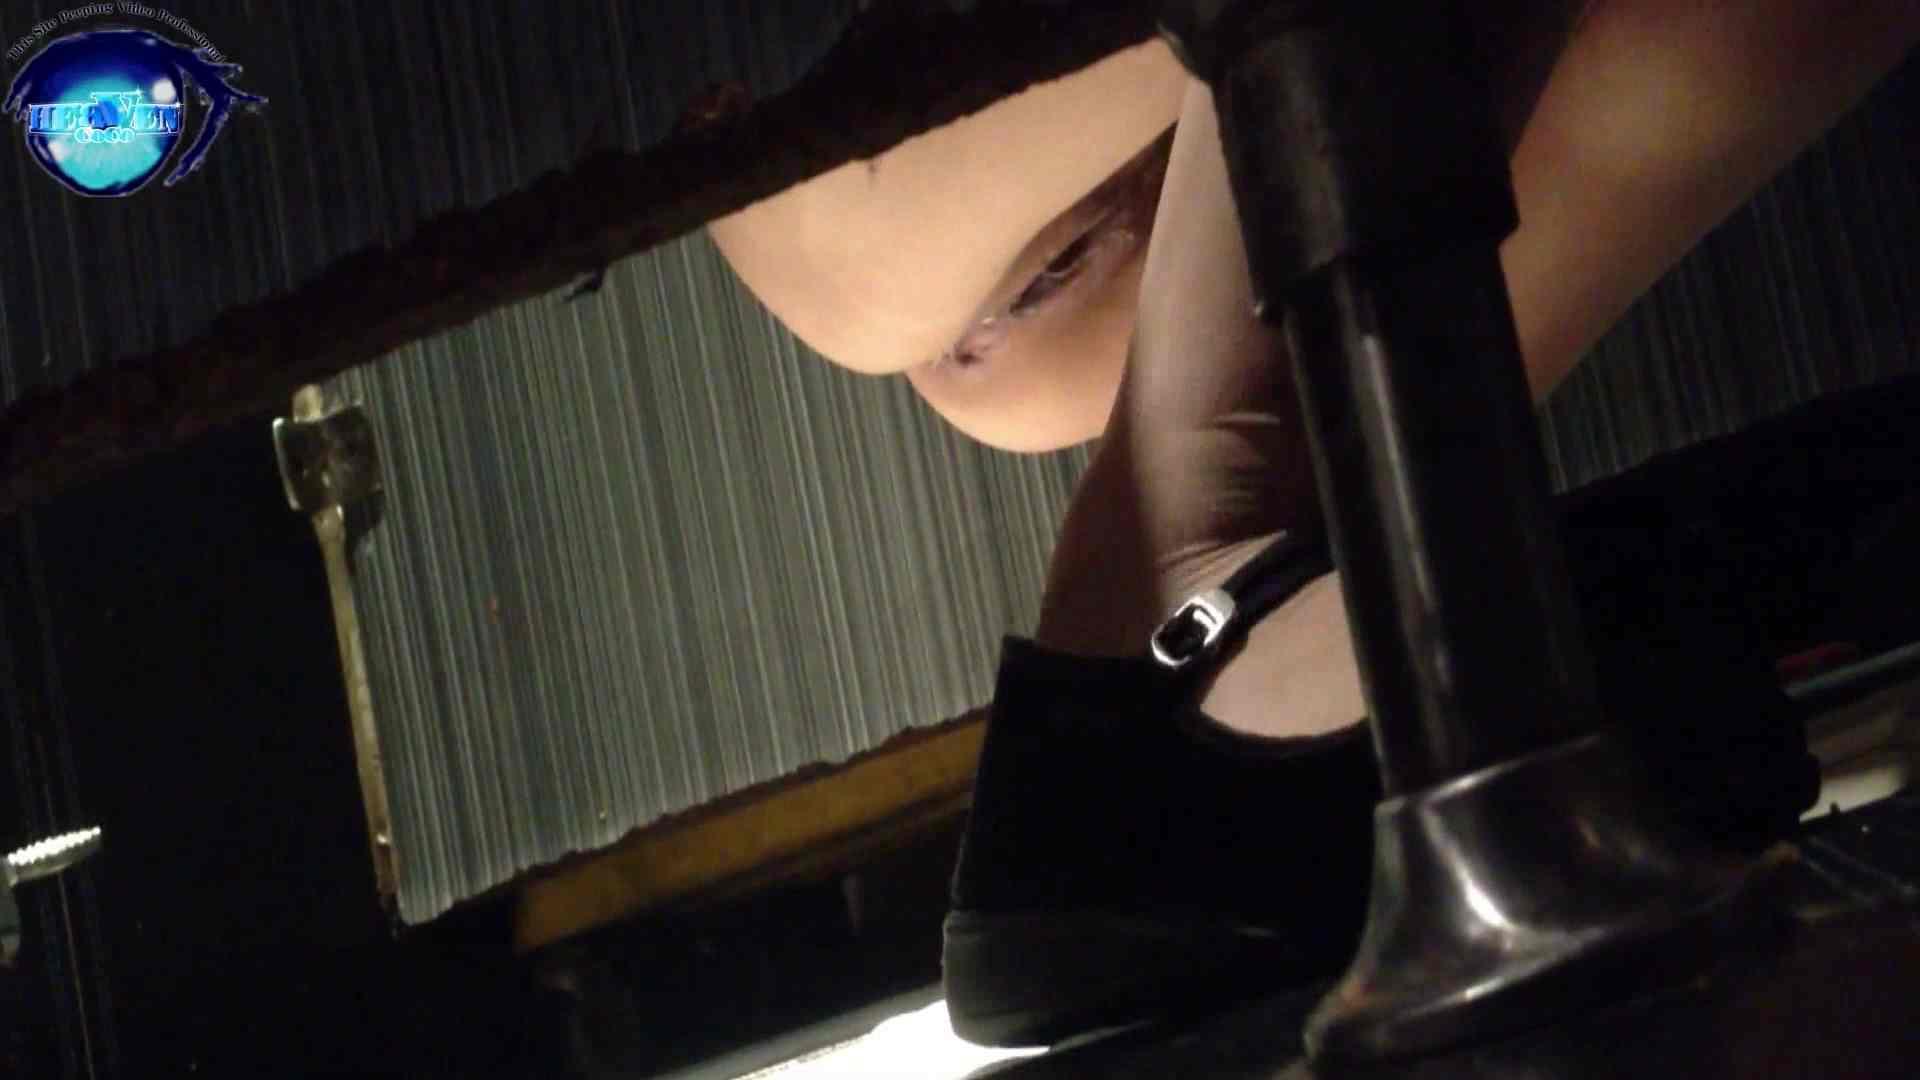 GOD HAND ファッションショッピングセンター盗撮vol.02前編 盗撮 セックス画像 82PICs 80